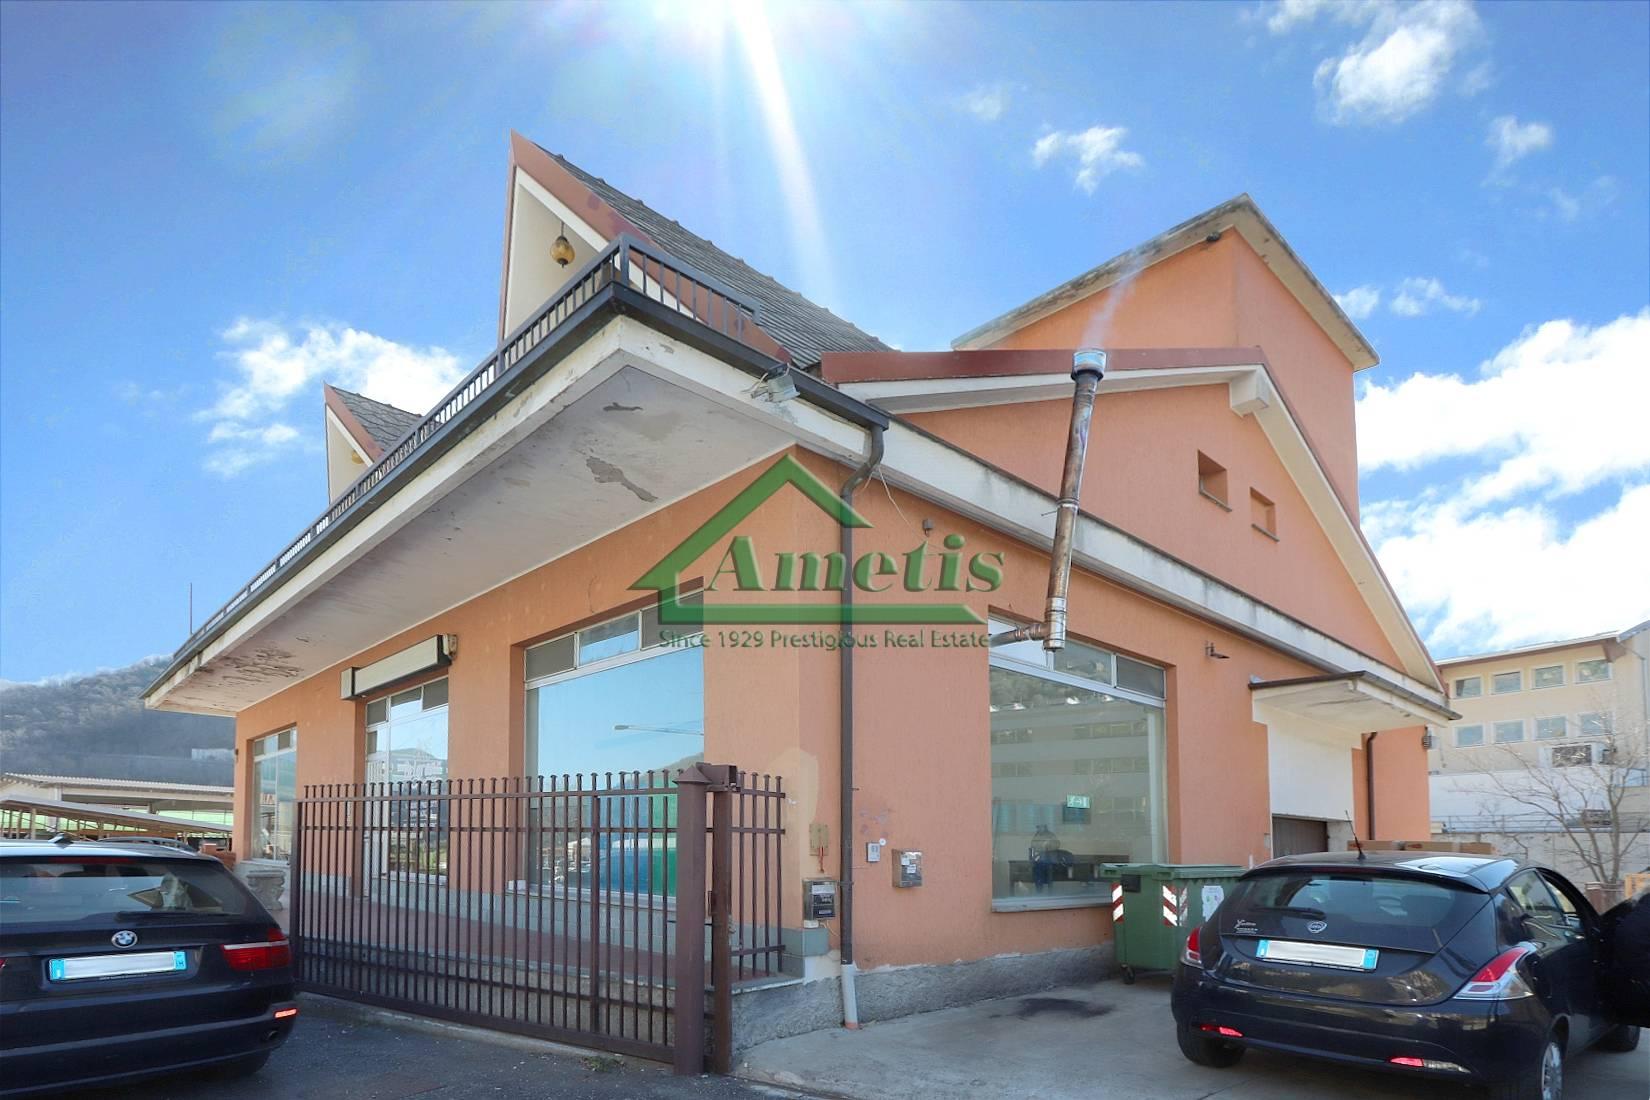 Negozio / Locale in vendita a Pieve di Teco, 8 locali, prezzo € 320.000 | CambioCasa.it